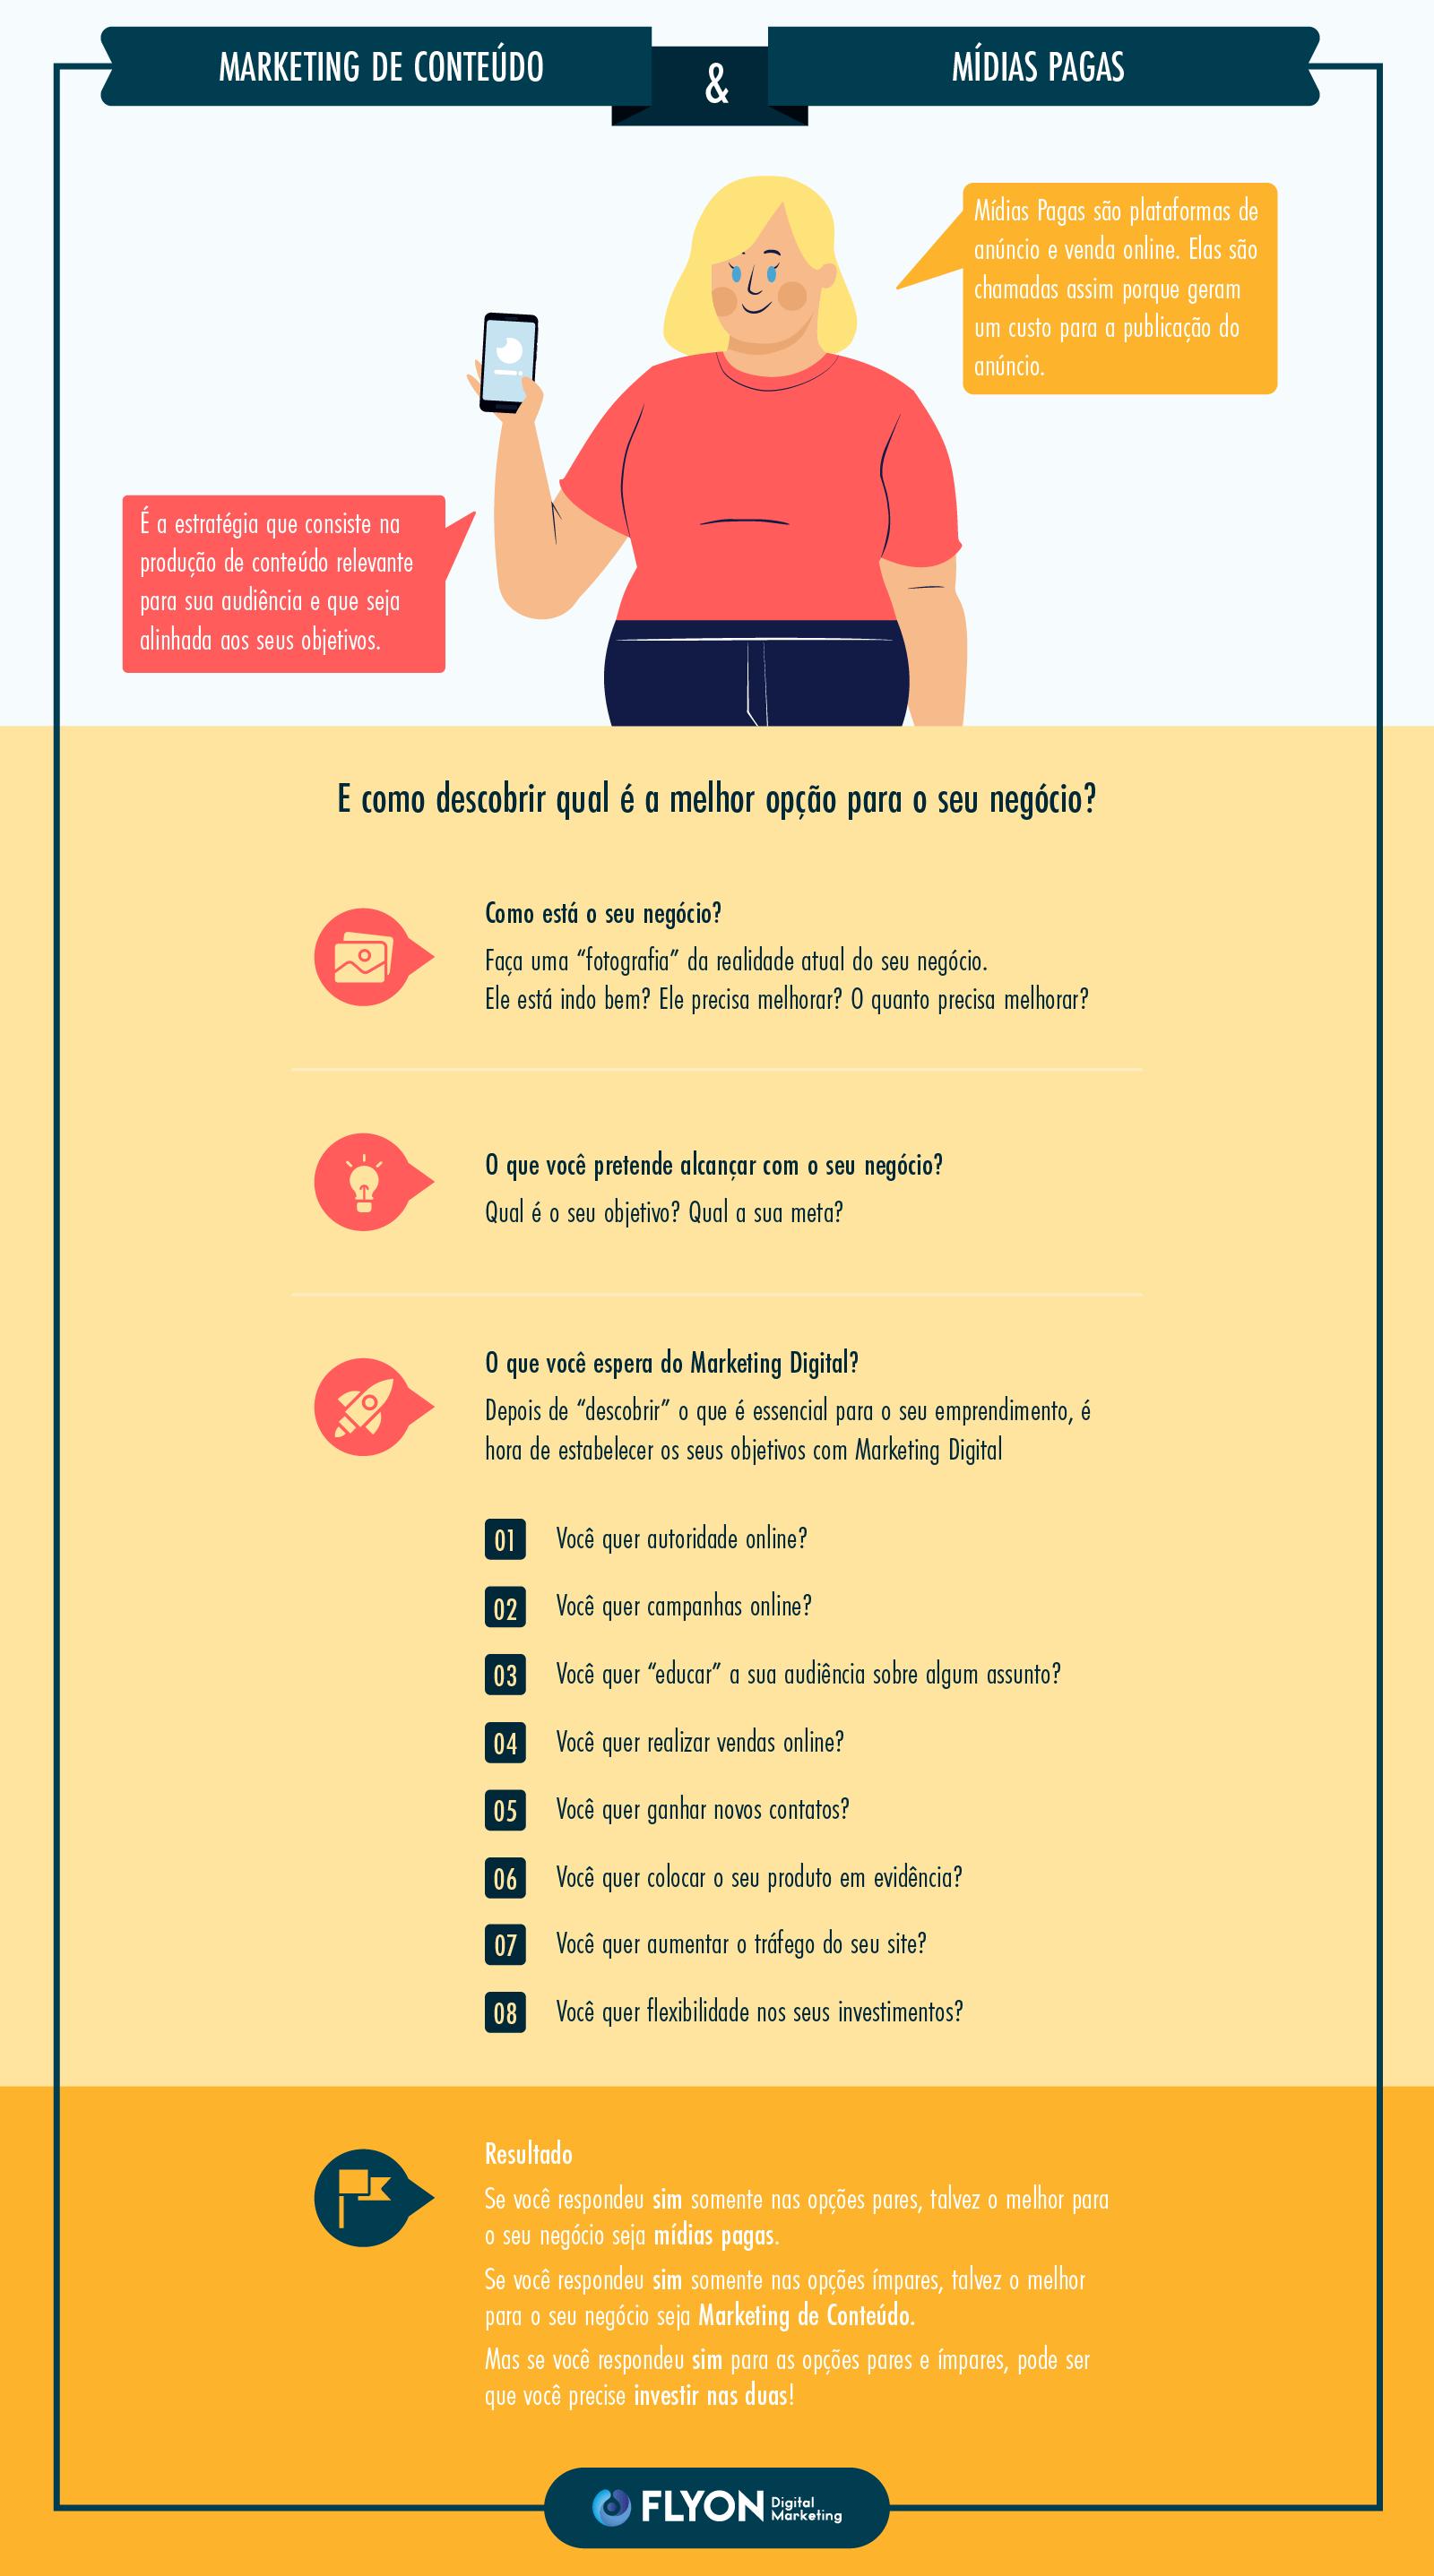 Marketing de Conteúdo ou Mídias Pagas